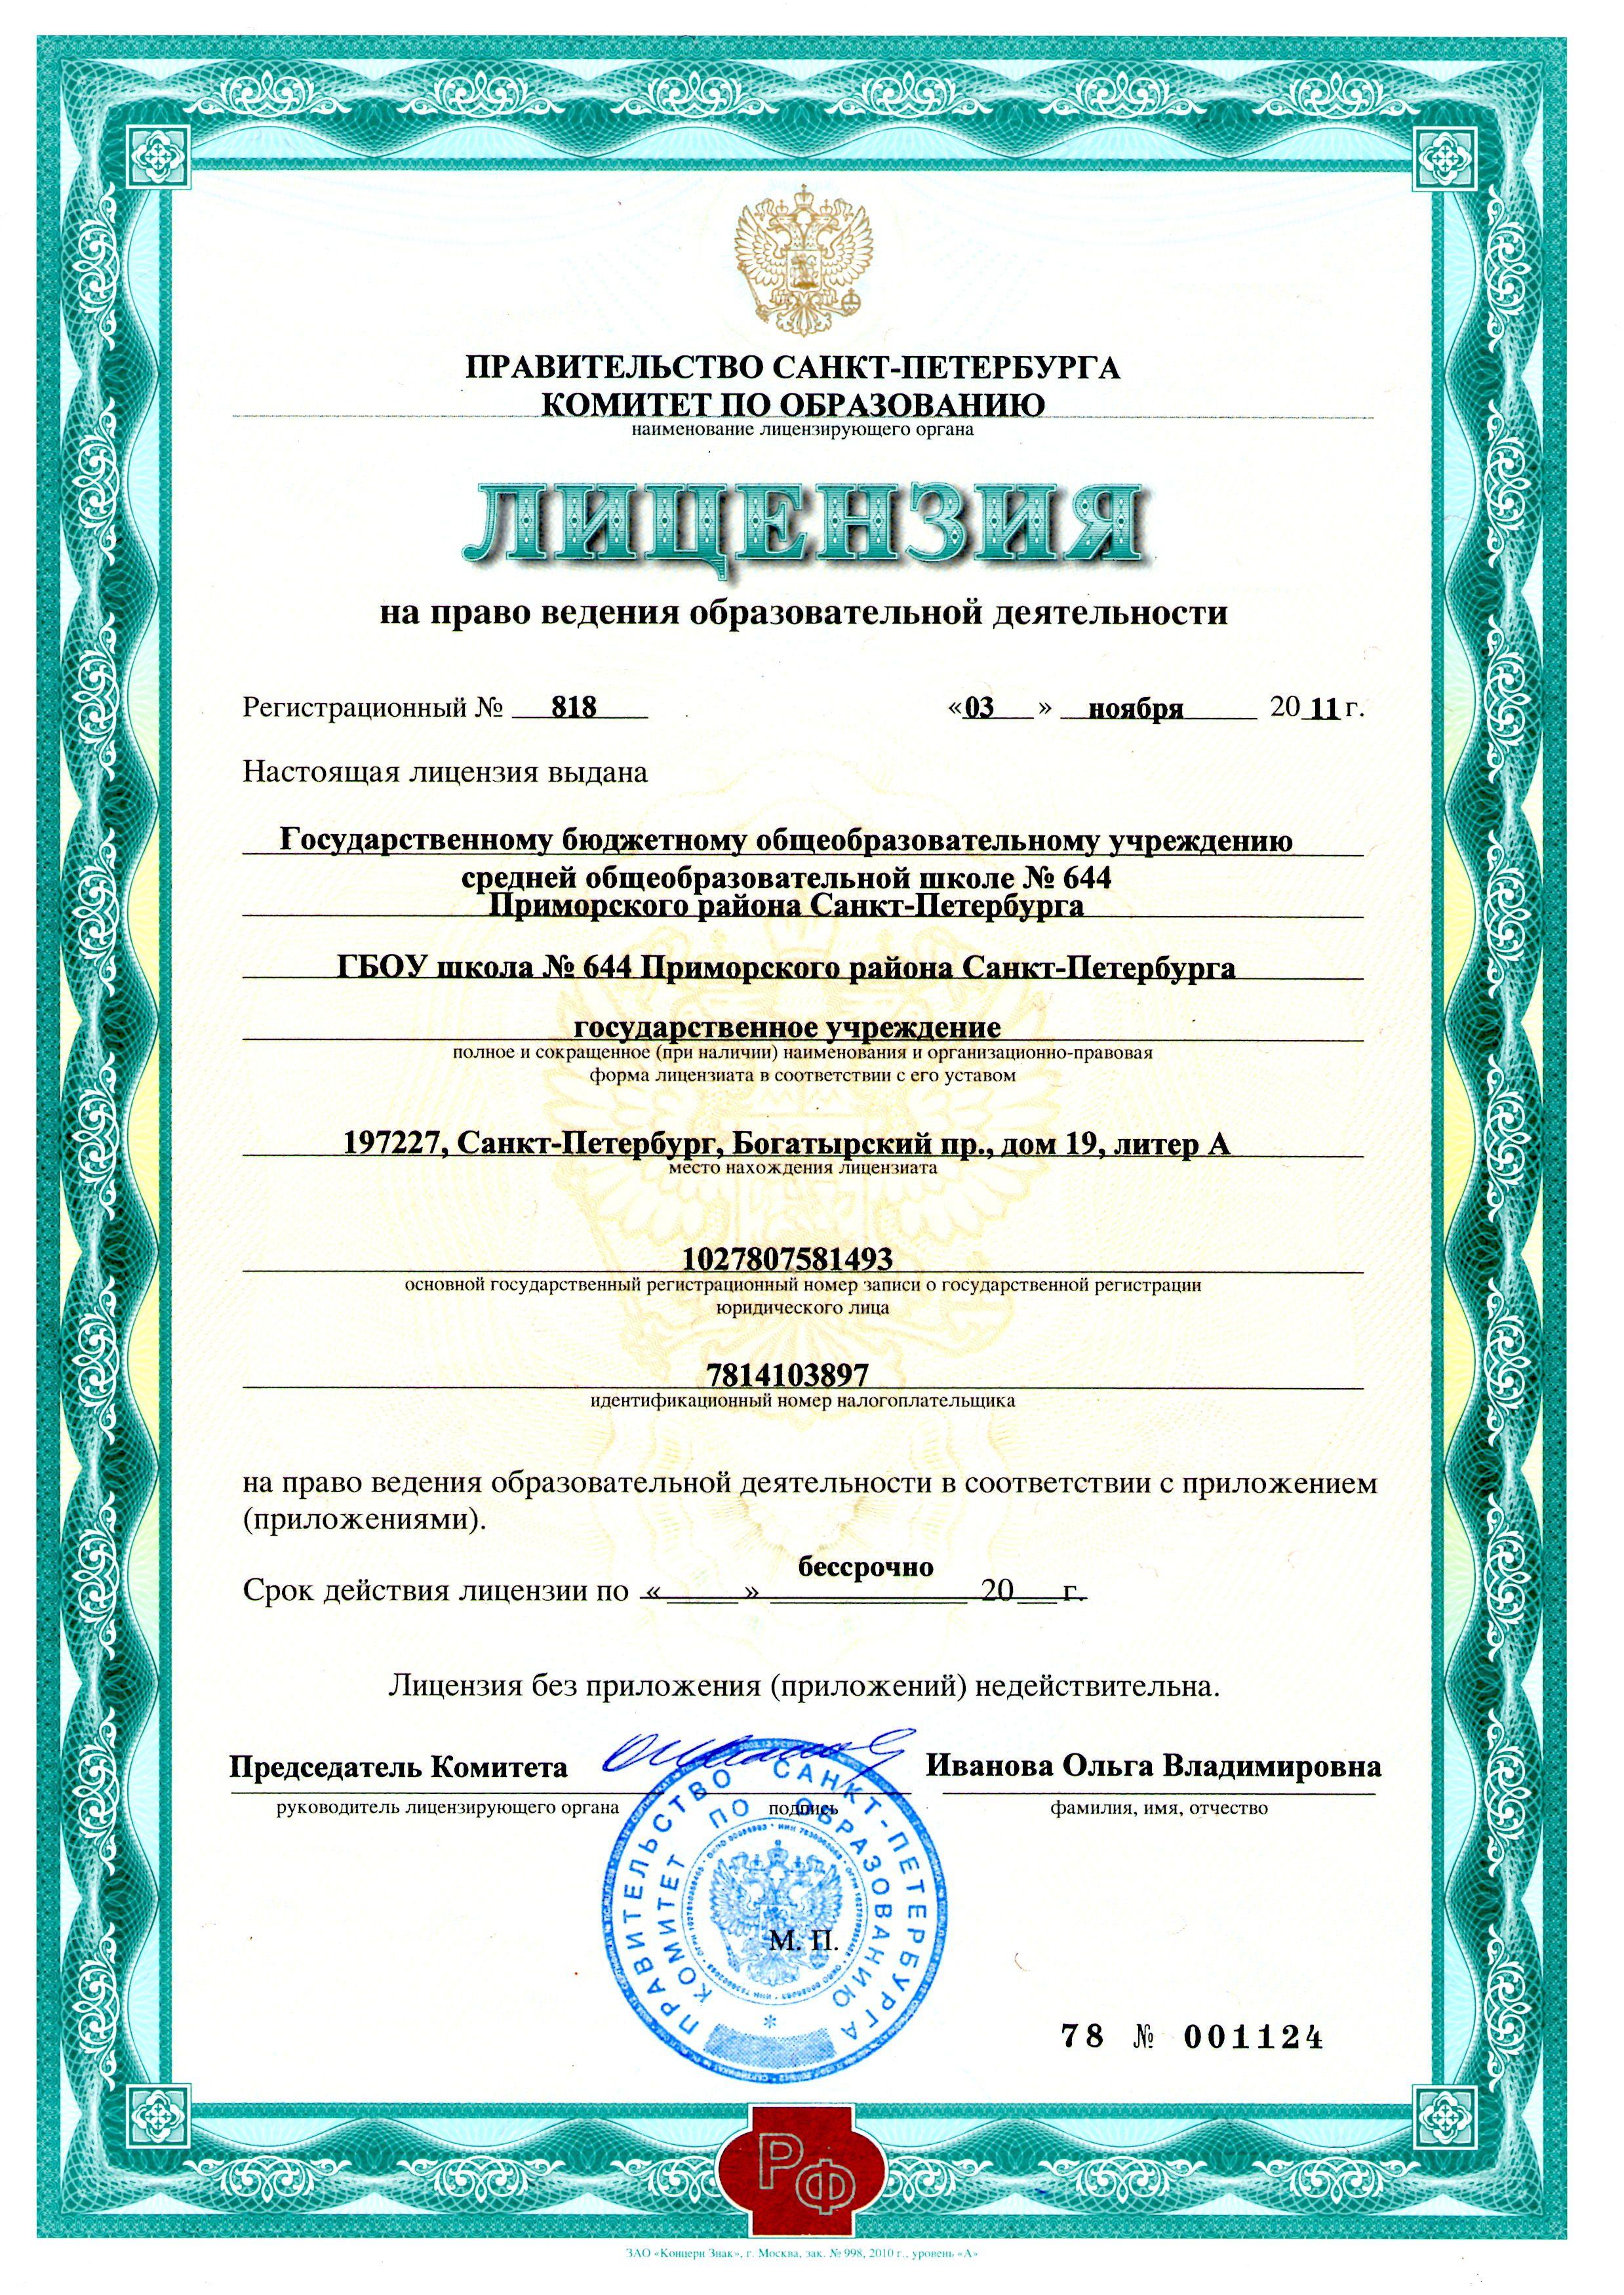 образец лицензии на право ведения образовательной деят-ти сентябрь 2013г